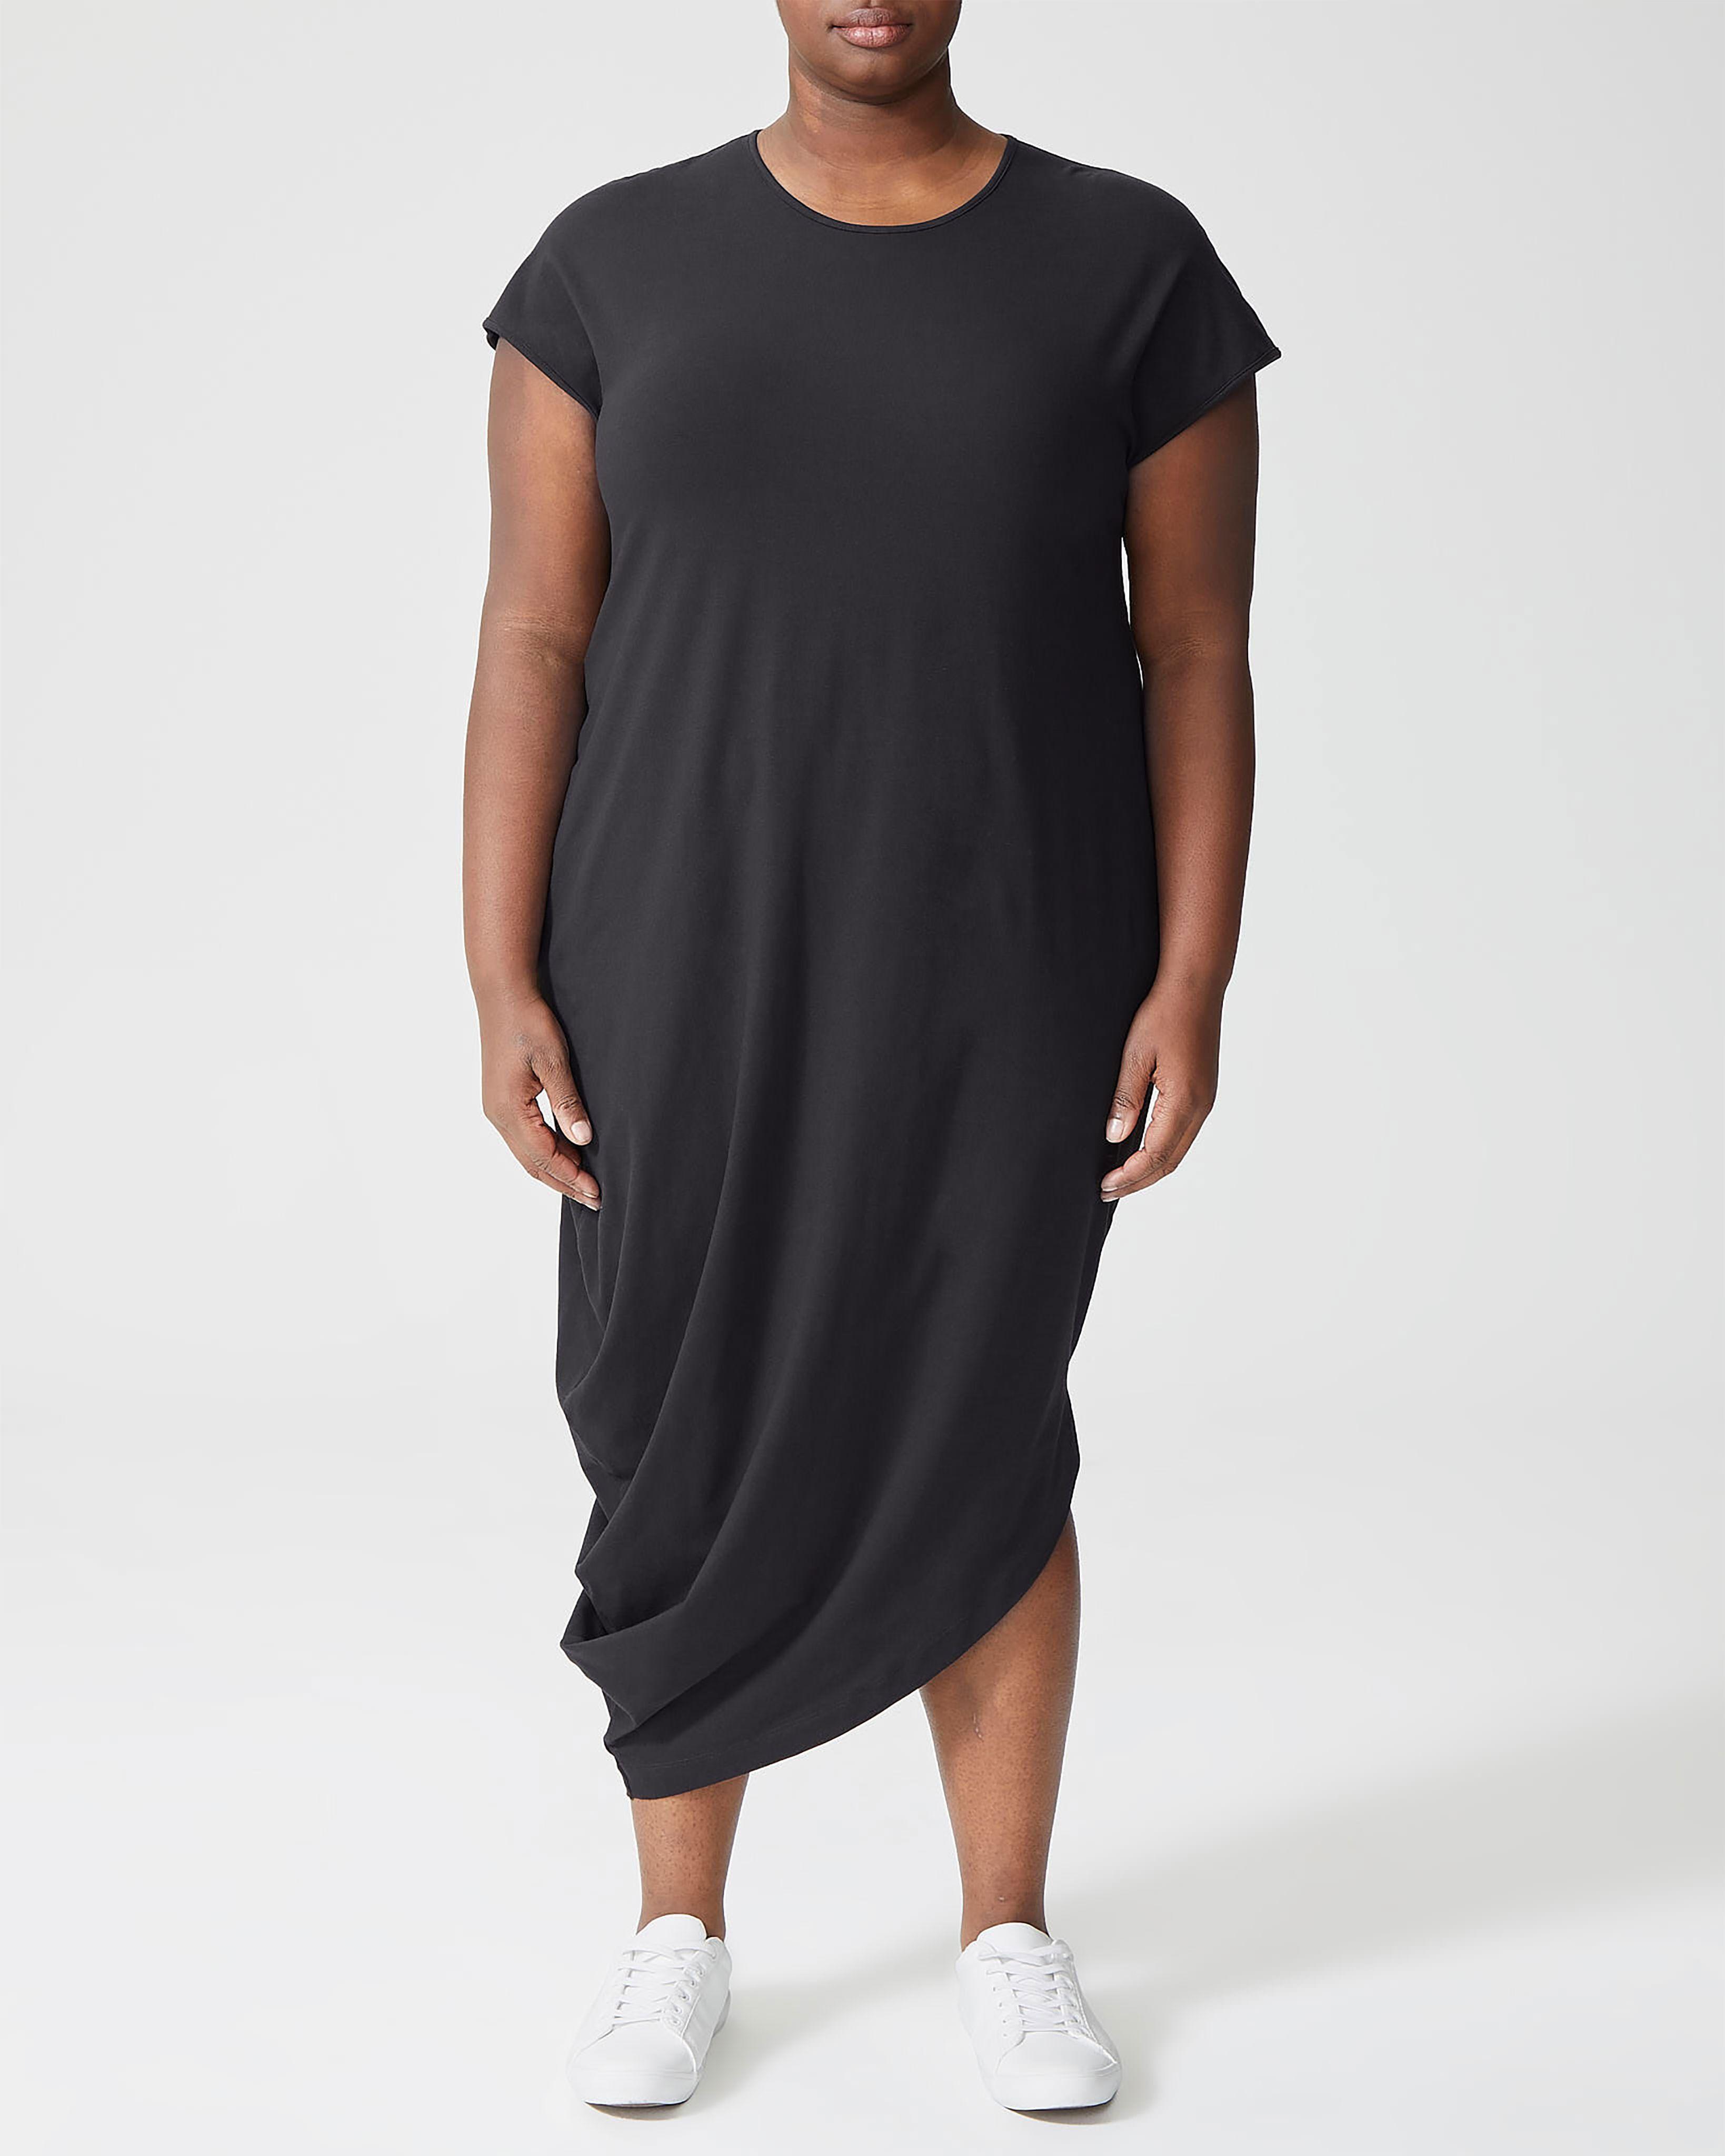 Iconic Geneva Dress - Berry